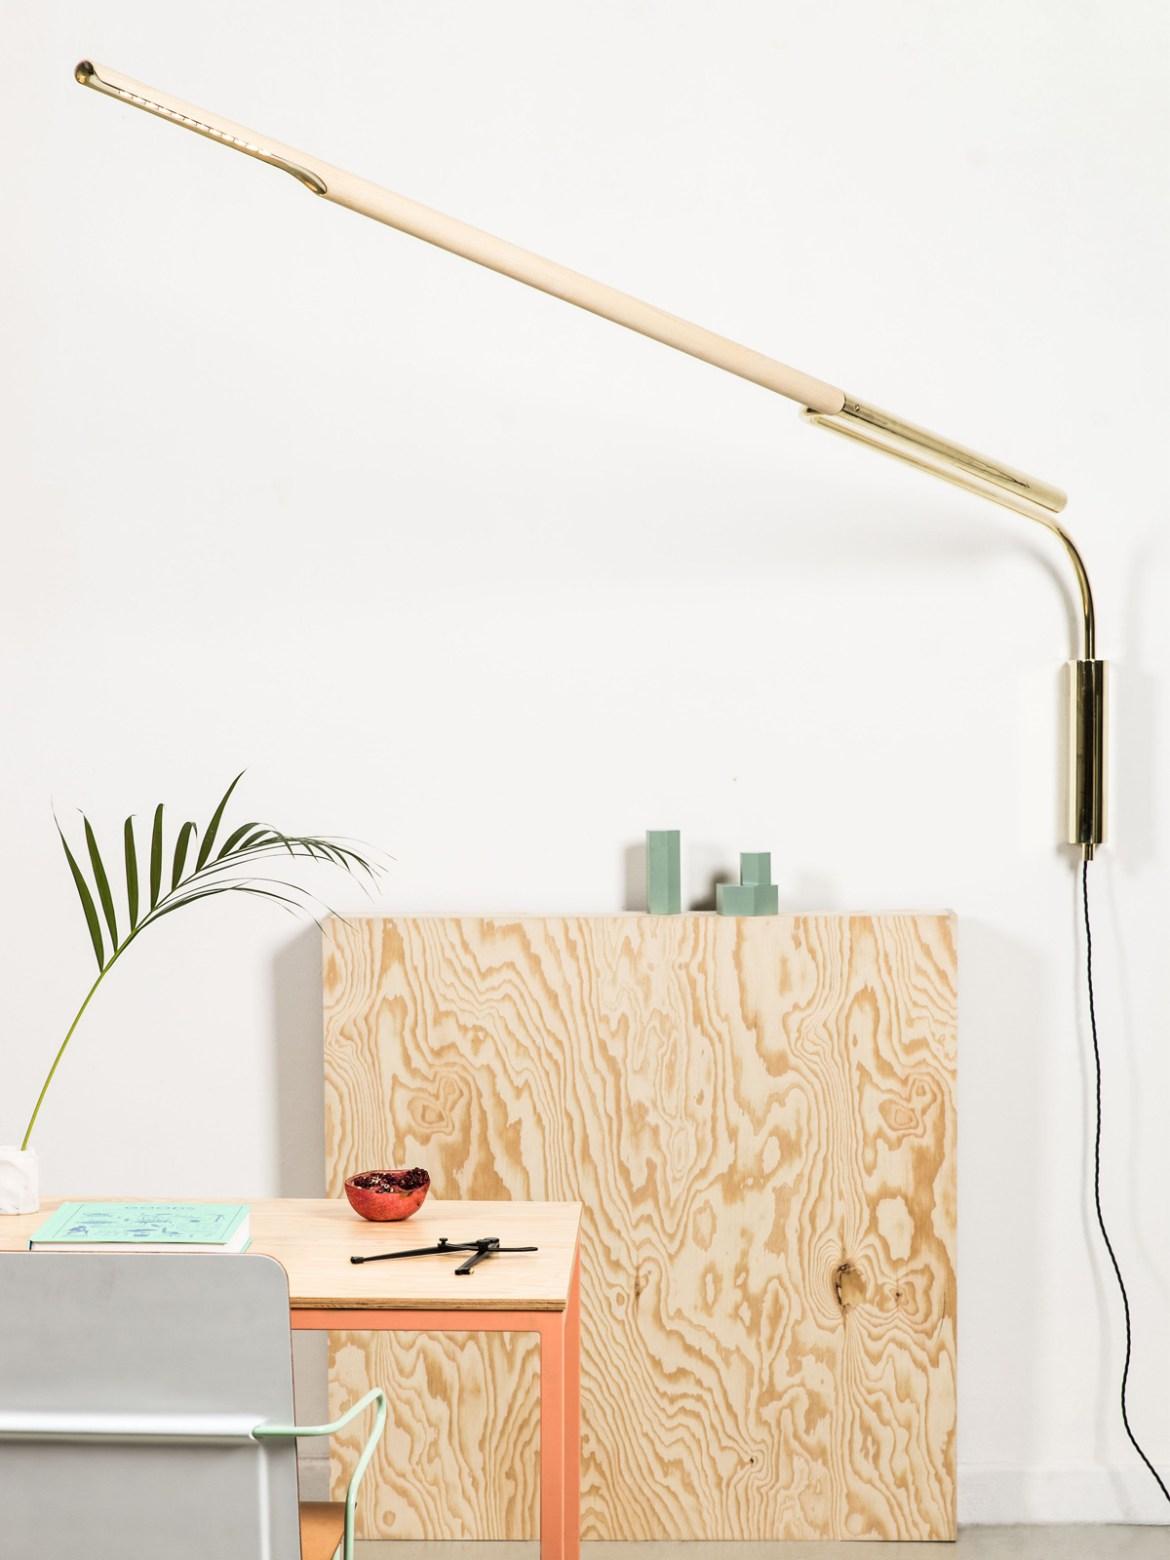 DesignOrt Blog: Wandleuchten X Mal Anders Wandleuchte Woodpecker von Schneid LED